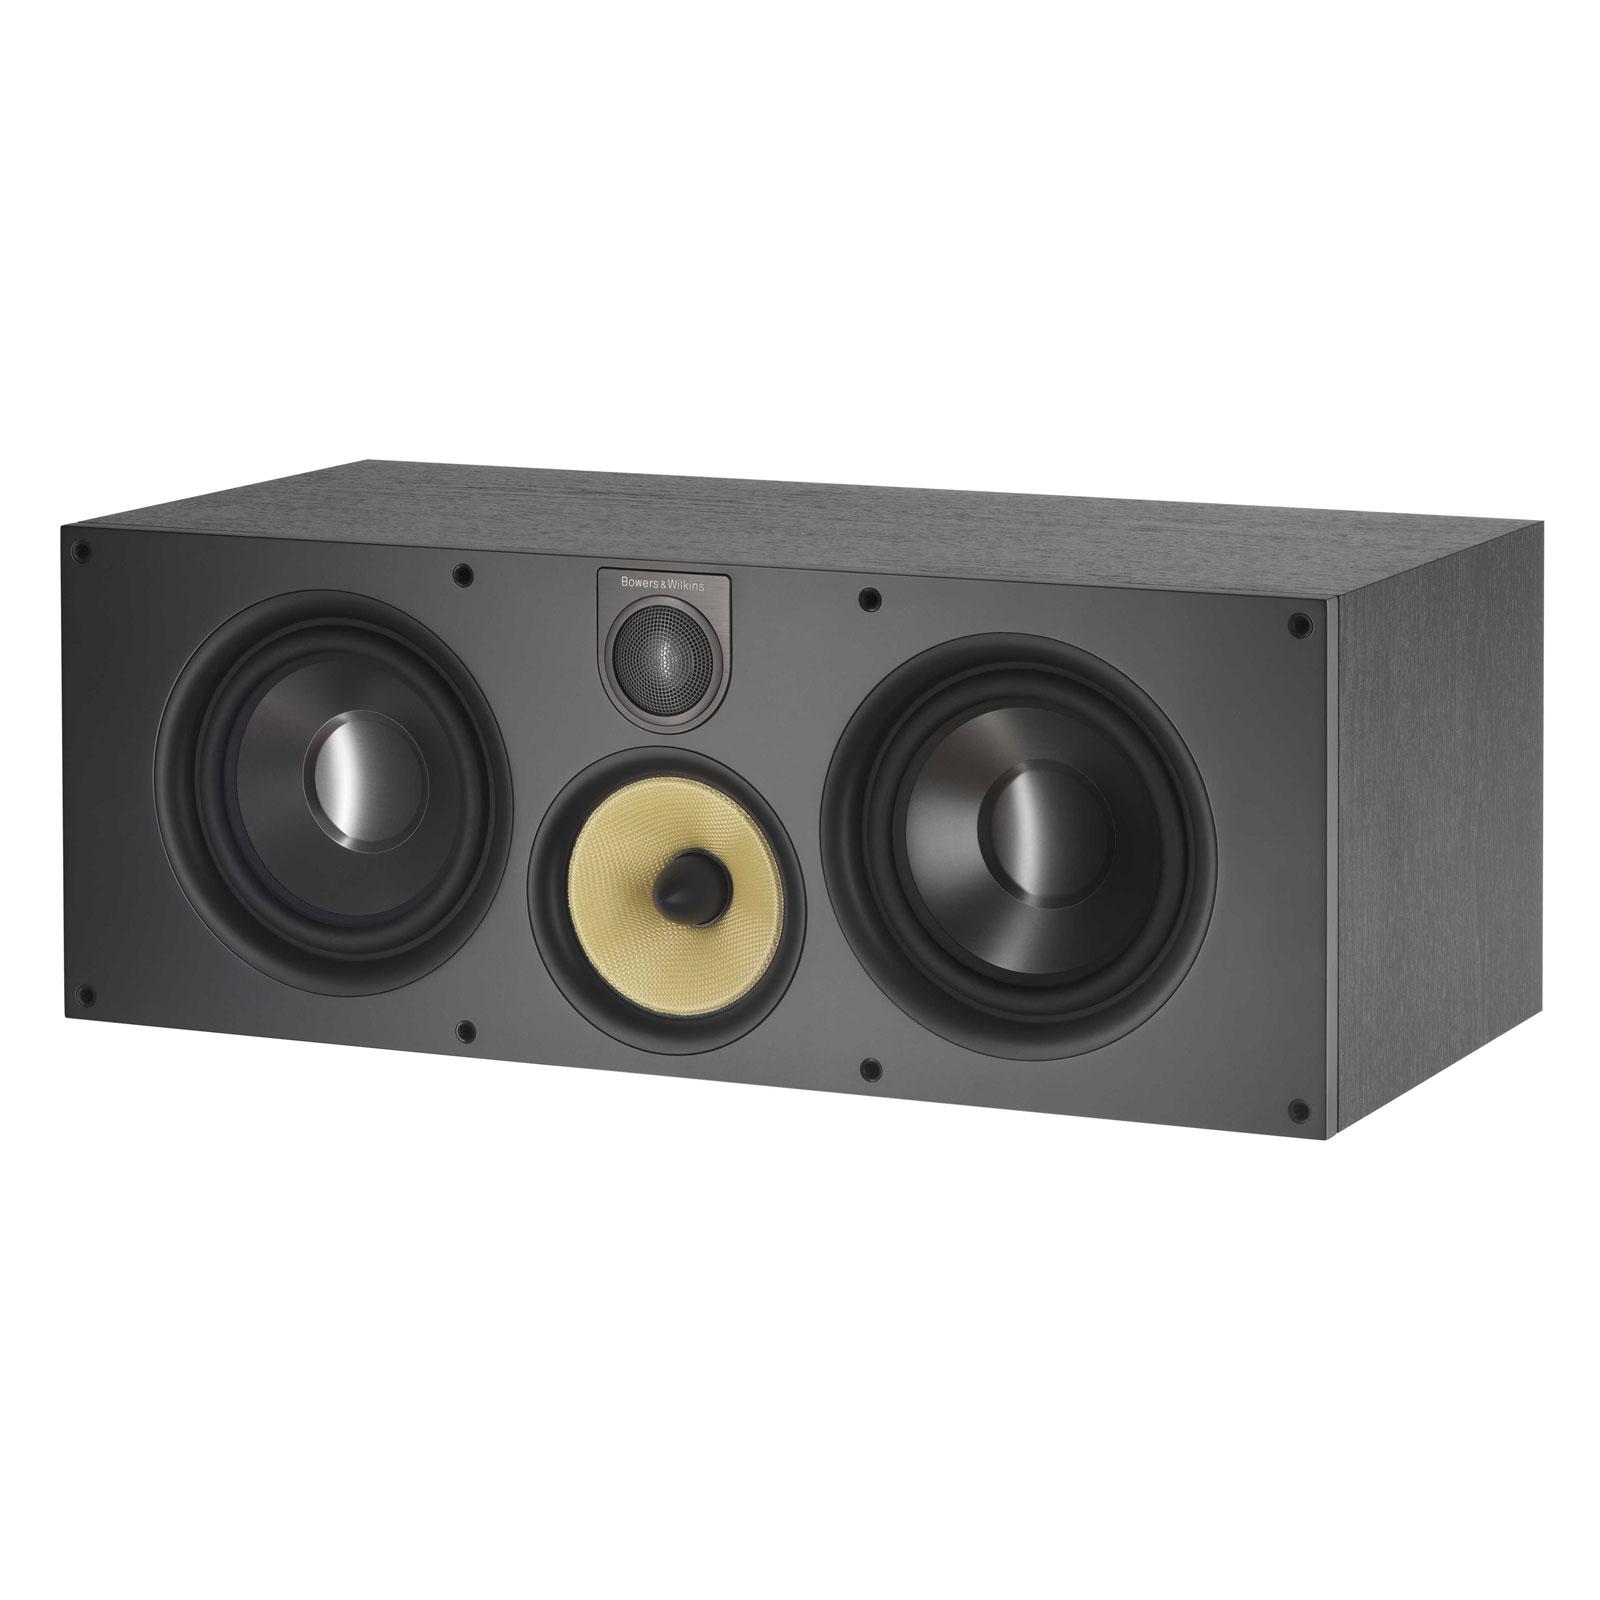 Enceintes Hifi B&W HTM61 S2 Black Ash Enceinte centrale pour installation Home Cinéma et Hi-Fi